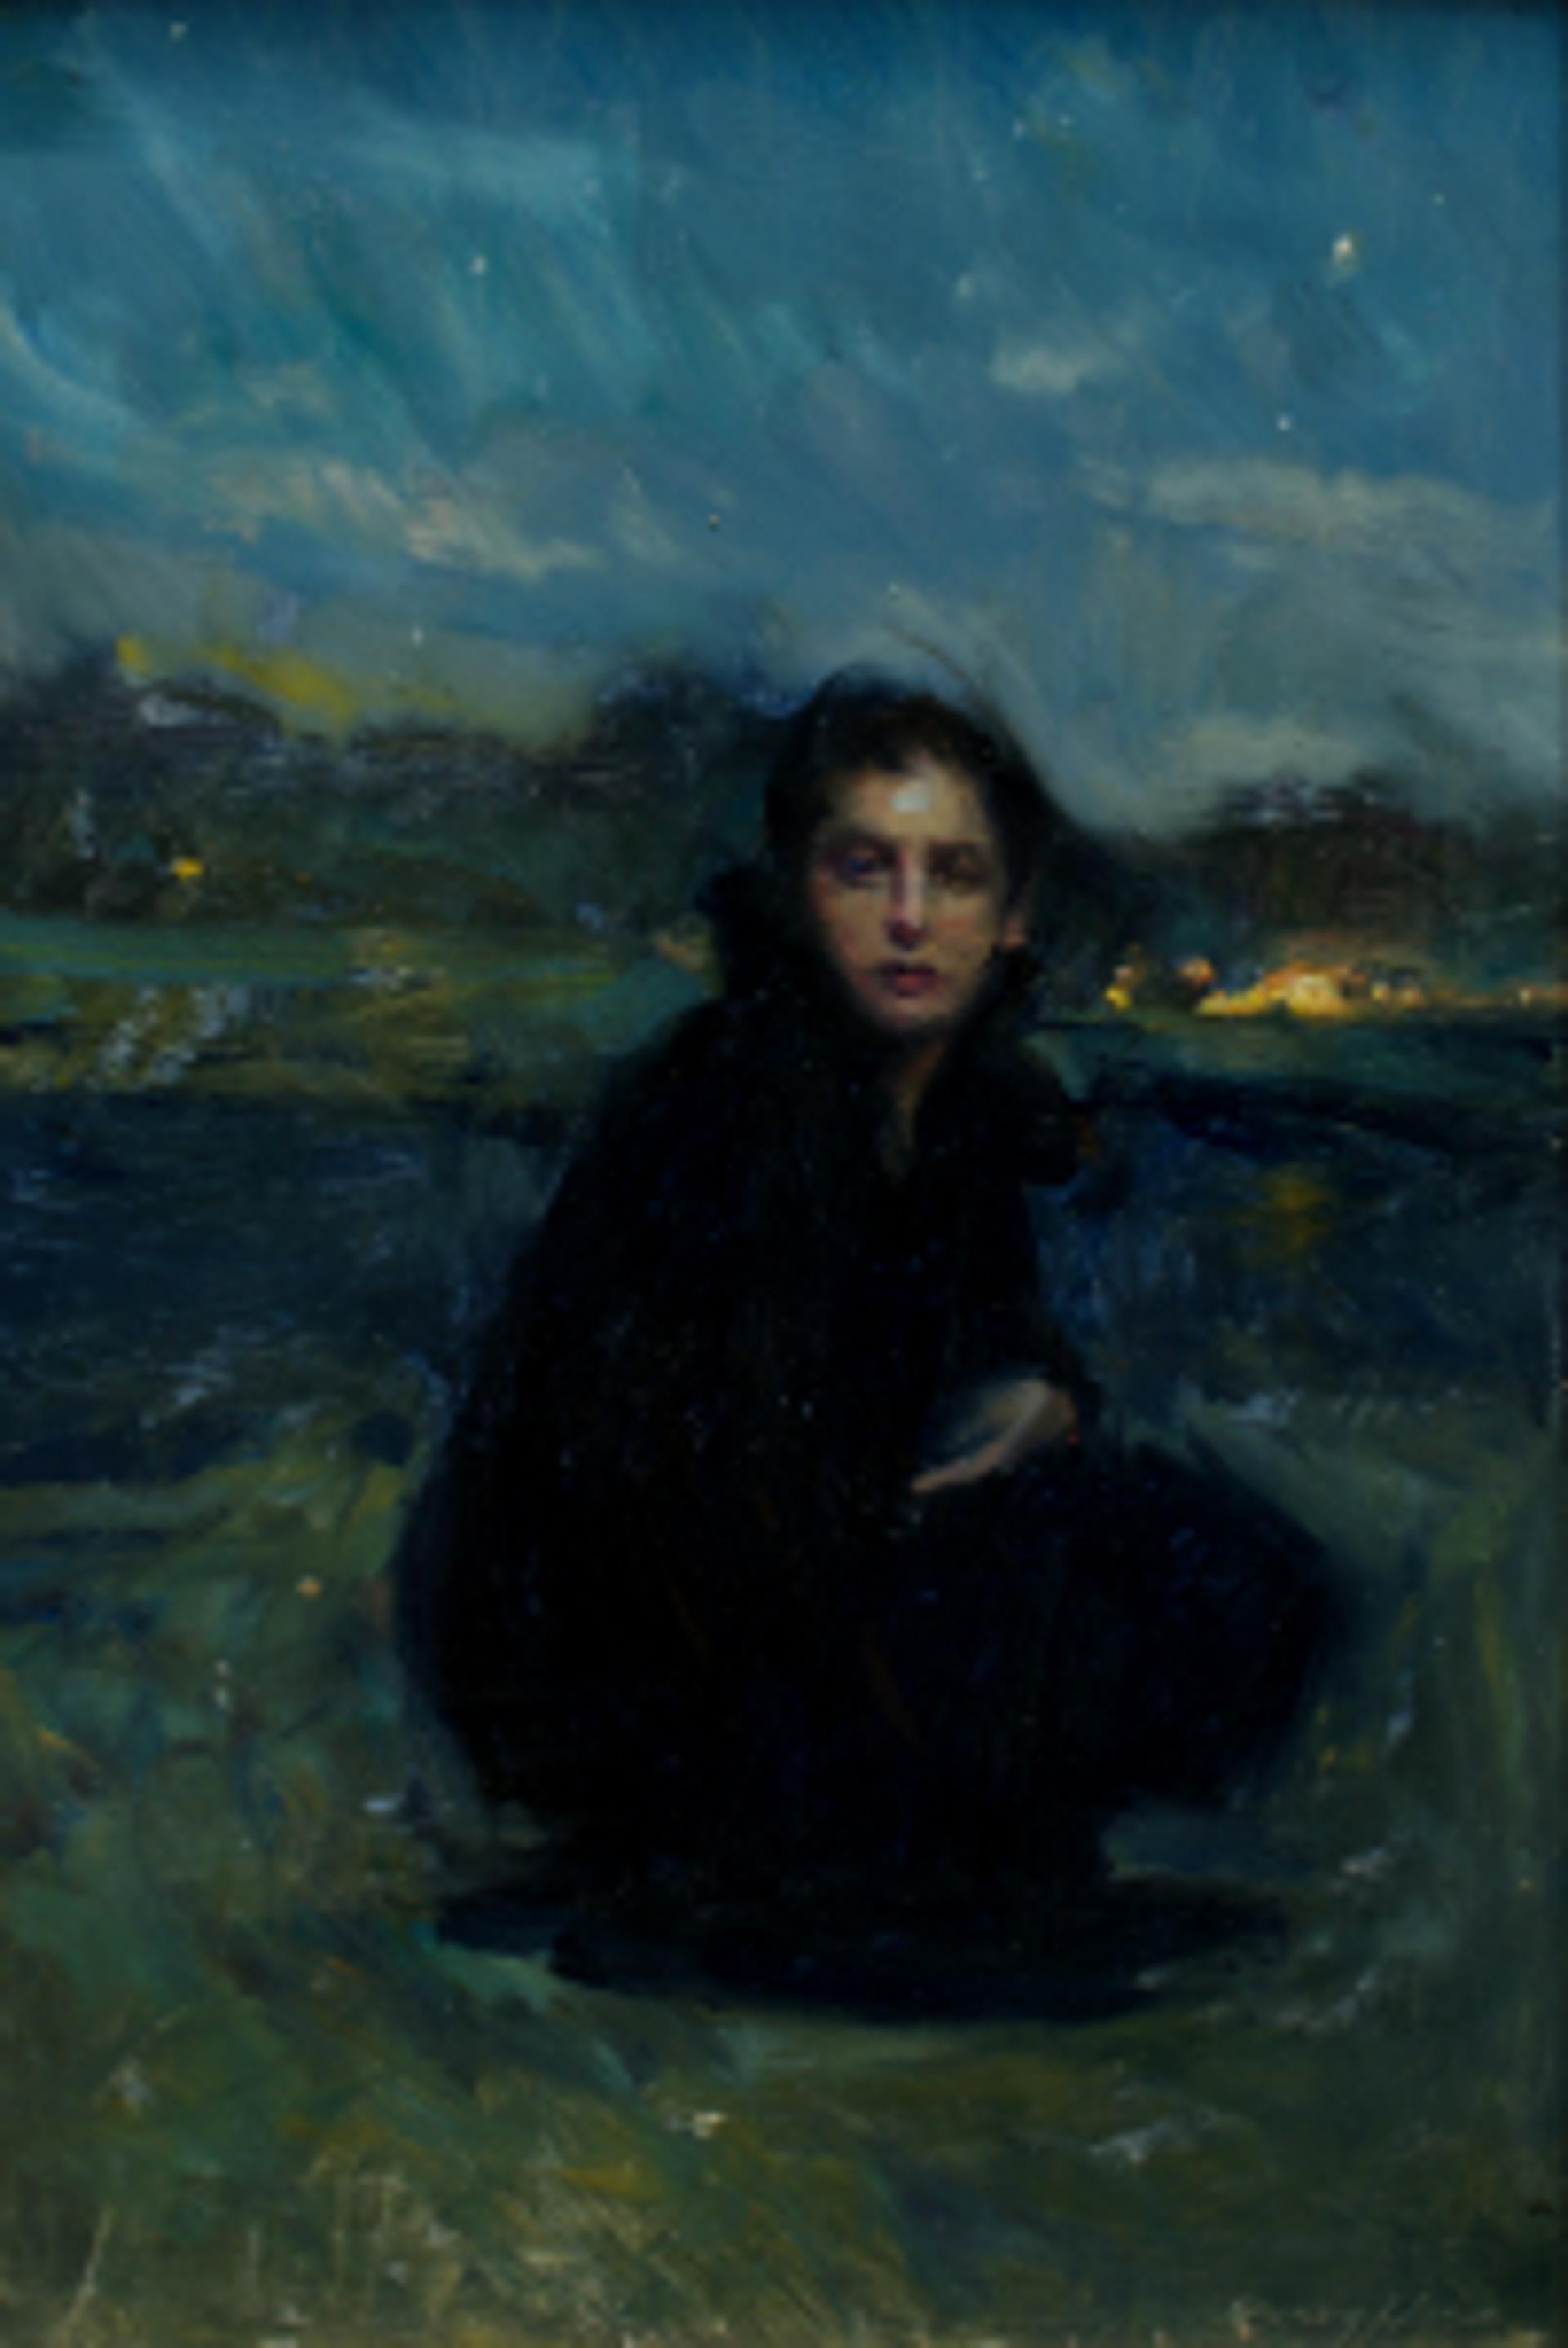 Night Fall by Quang Ho